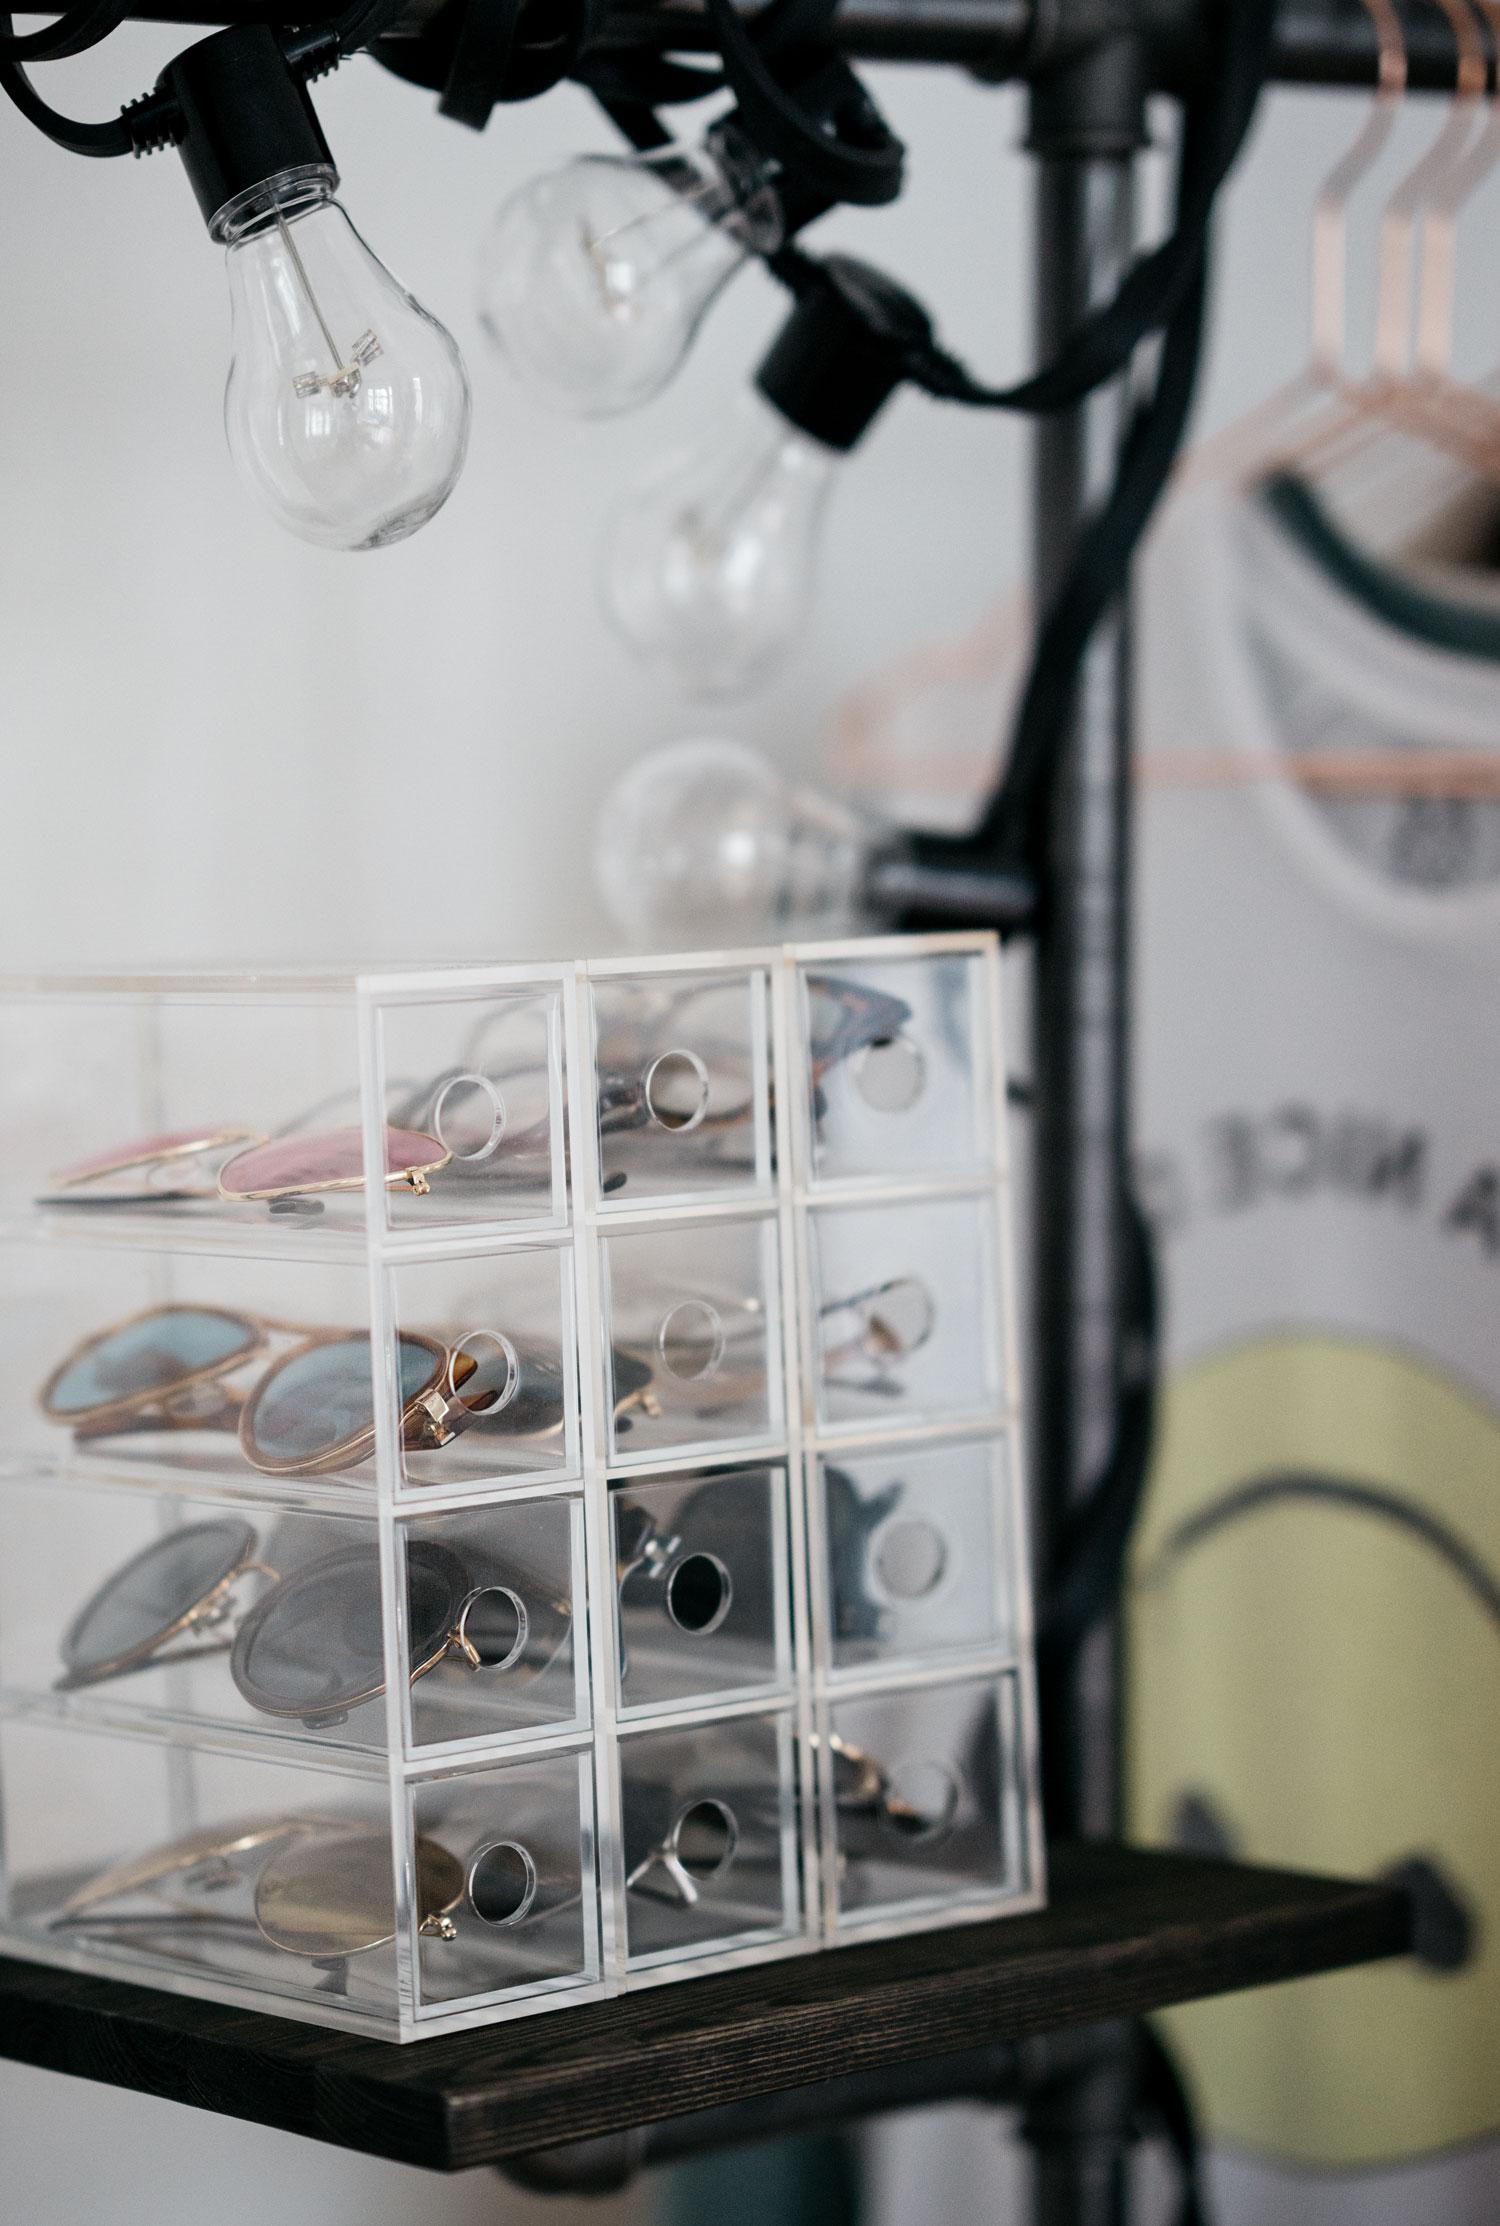 Вешалки | Гардероб из водопроводных труб | сделай сам Вдохновение | Магазин строительных товаров